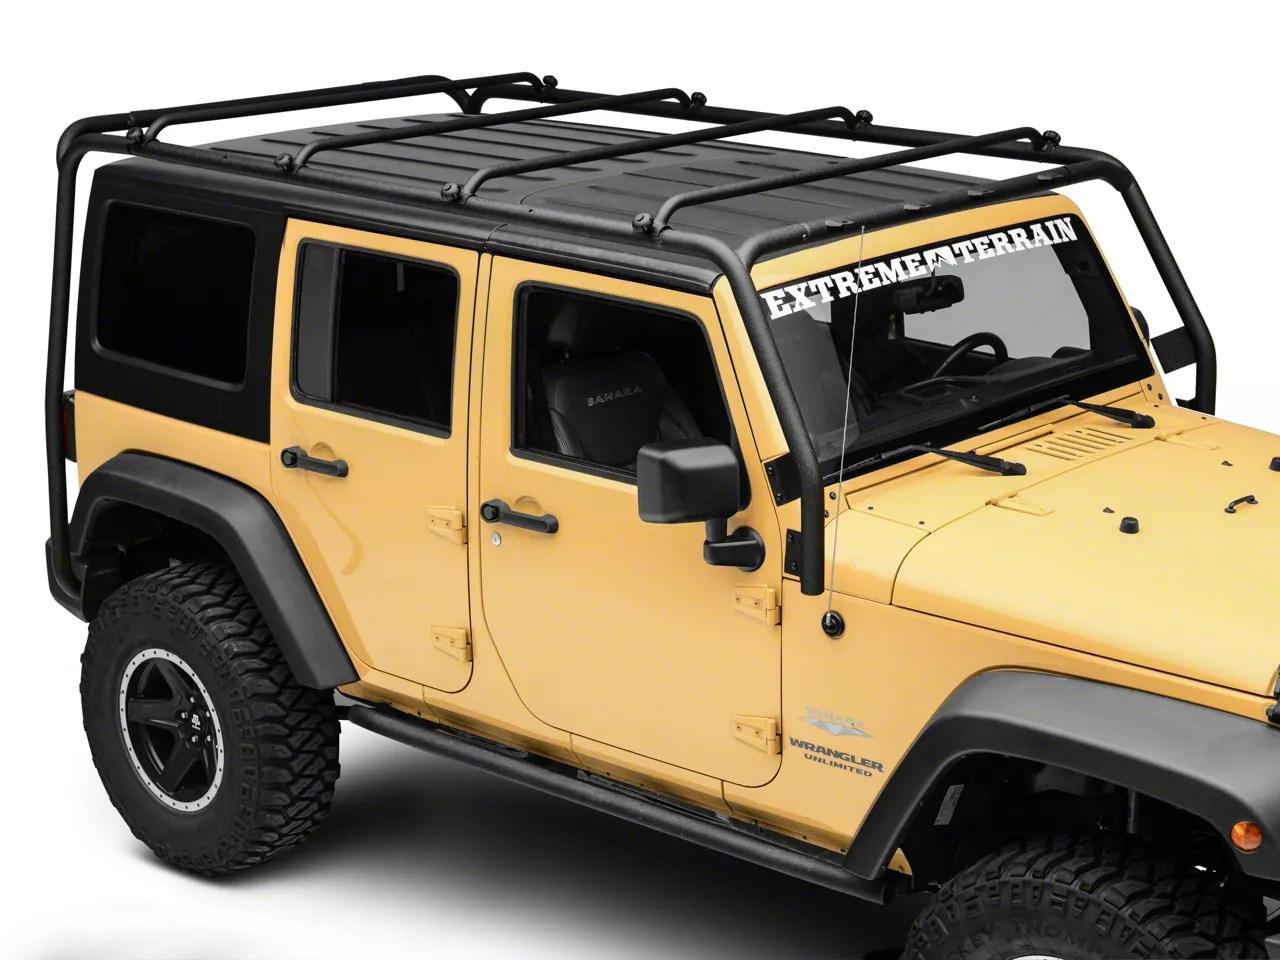 smittybilt src roof rack textured black 07 18 jeep wrangler jk 4 door